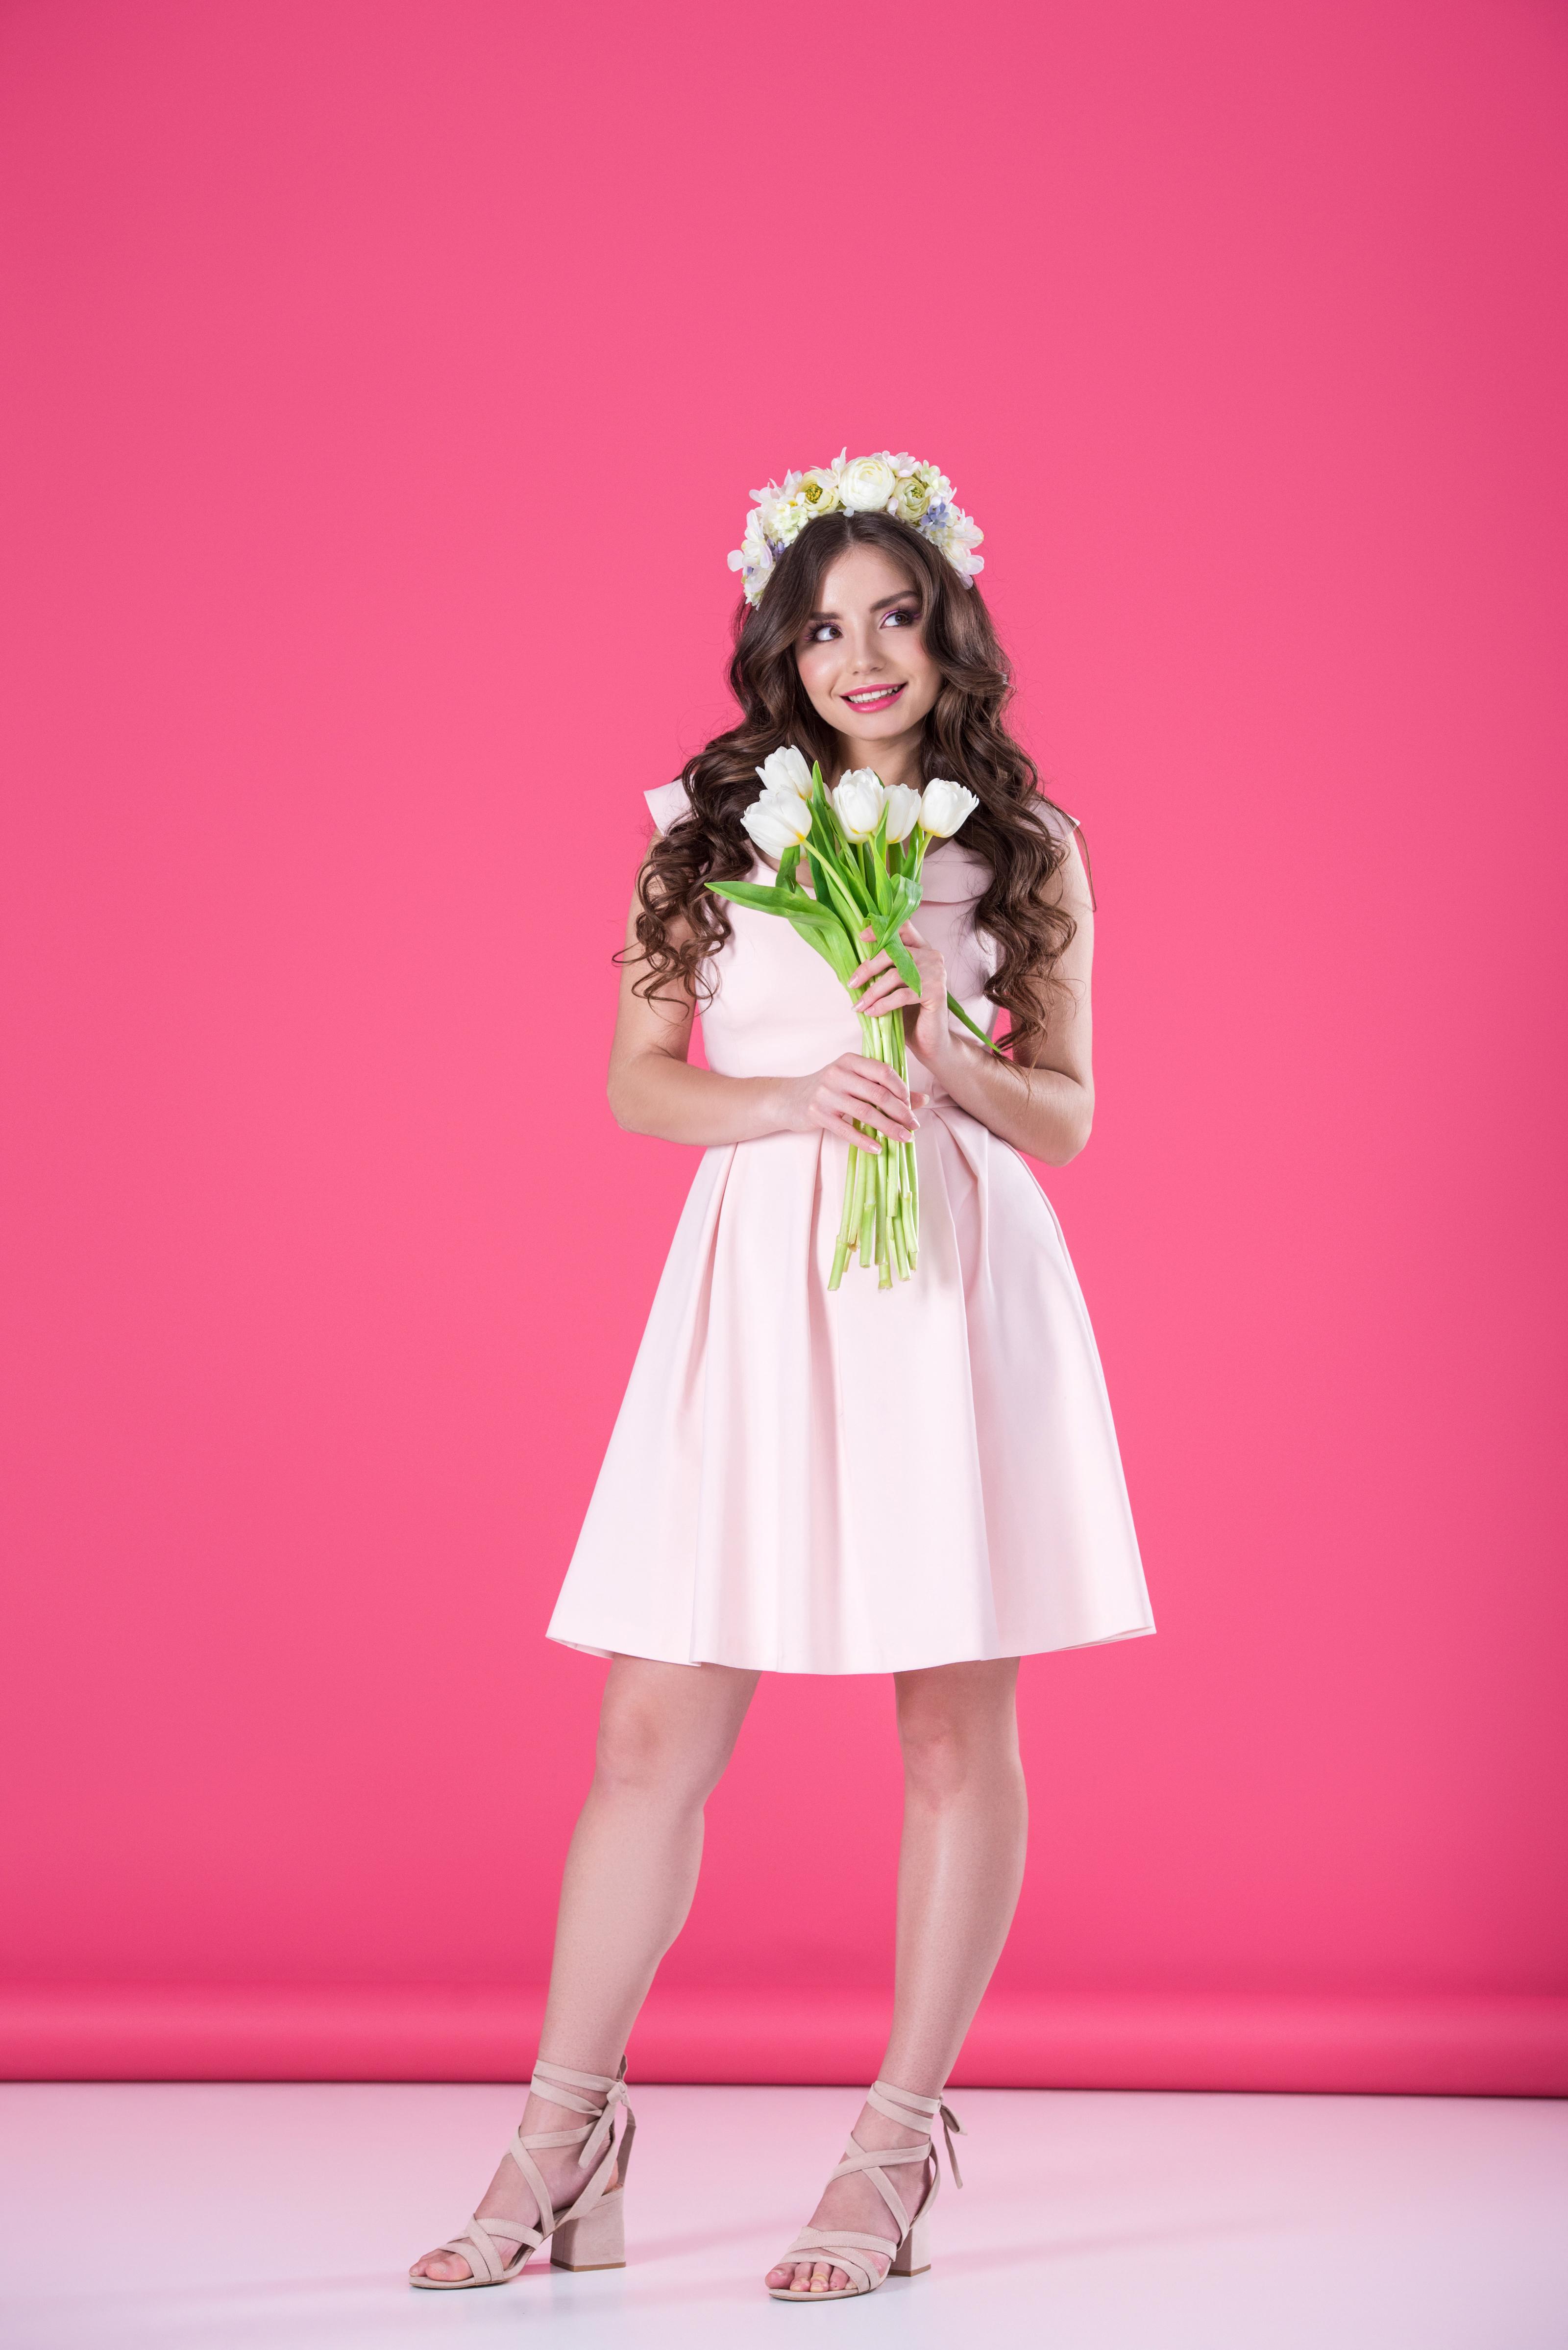 Картинки шатенки Улыбка Тюльпаны молодые женщины Платье Цветной фон 3200x4795 для мобильного телефона Шатенка улыбается Девушки девушка тюльпан молодая женщина платья